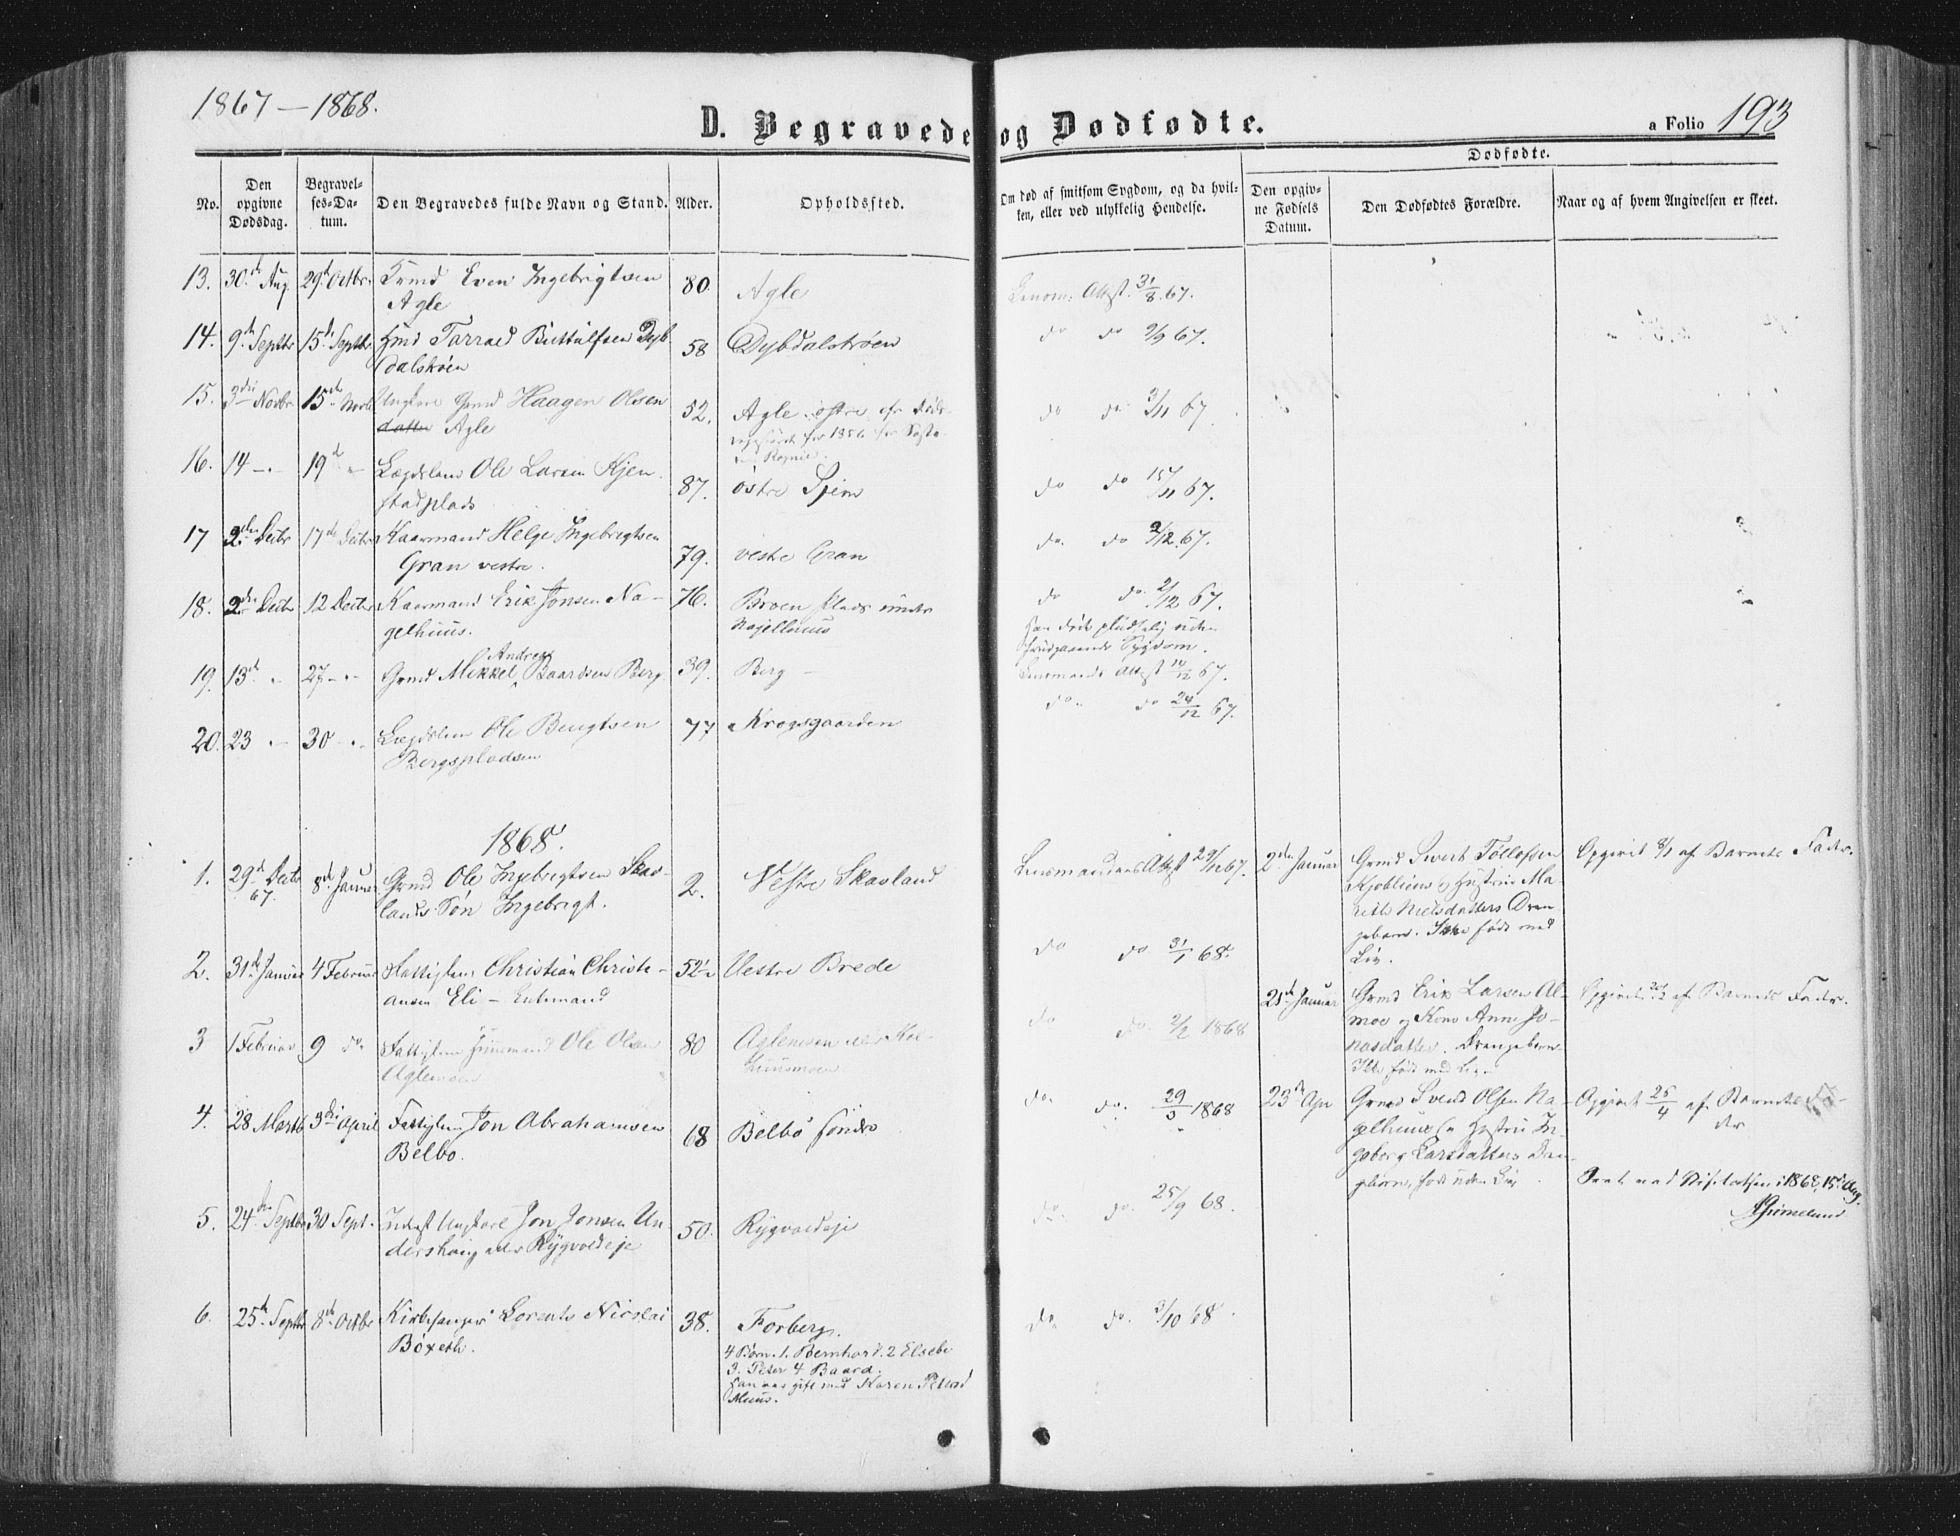 SAT, Ministerialprotokoller, klokkerbøker og fødselsregistre - Nord-Trøndelag, 749/L0472: Ministerialbok nr. 749A06, 1857-1873, s. 193